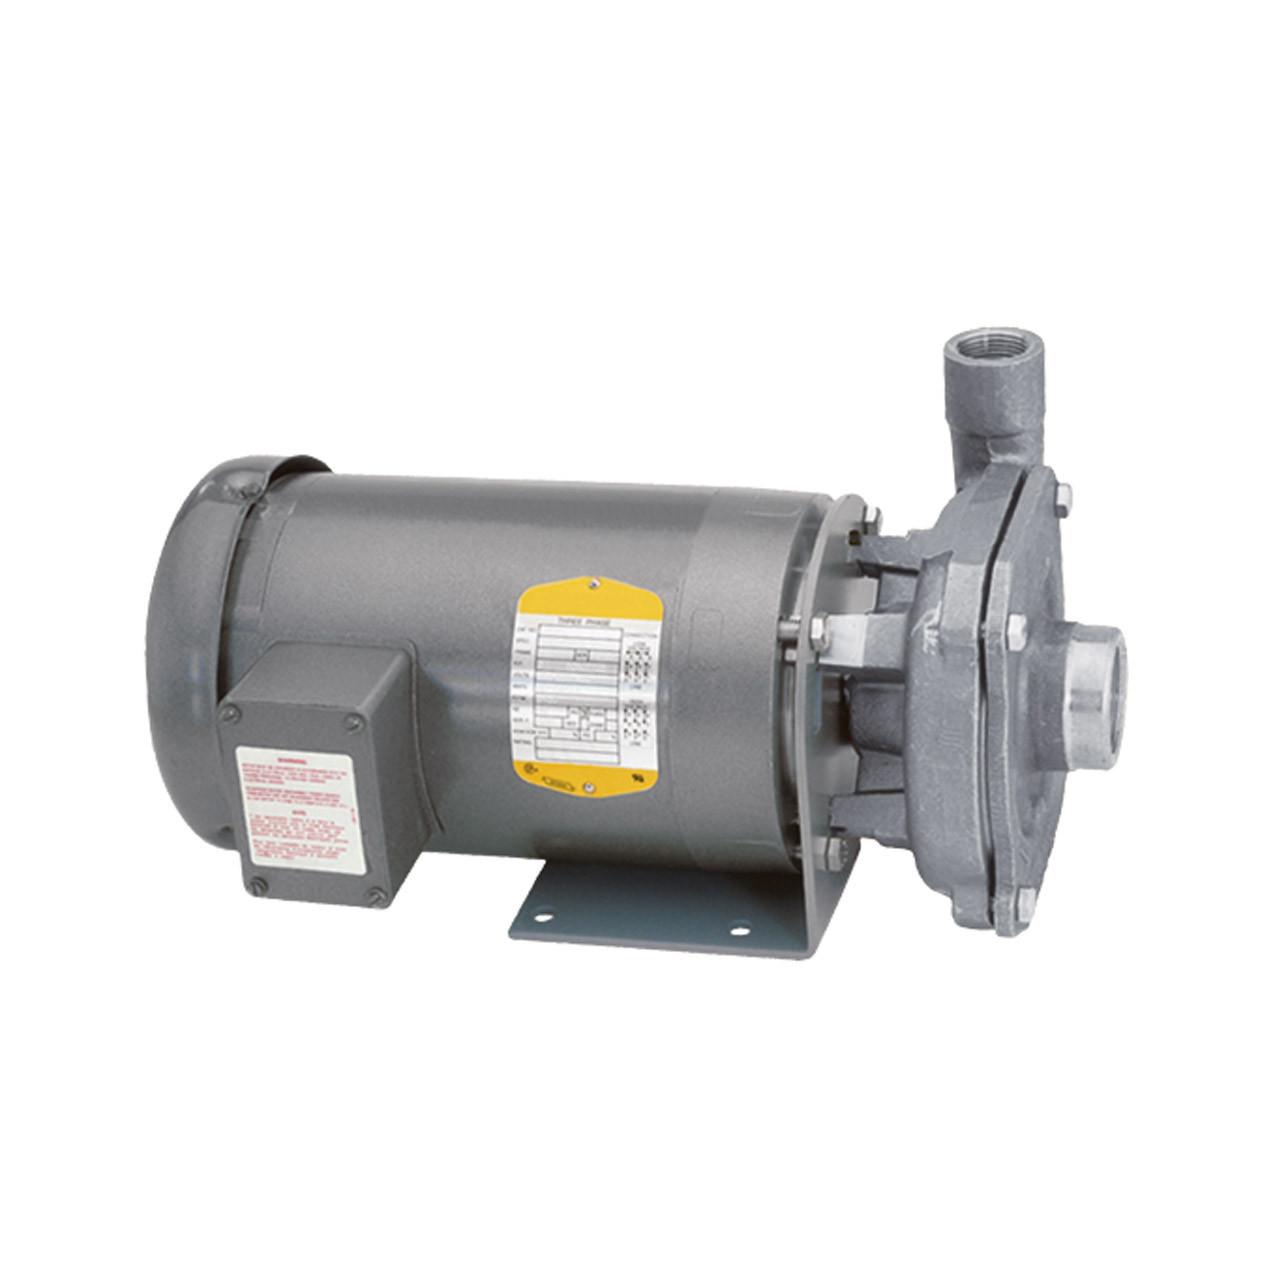 Bomba centrífuga alta salinidad Q-Pumps serie K